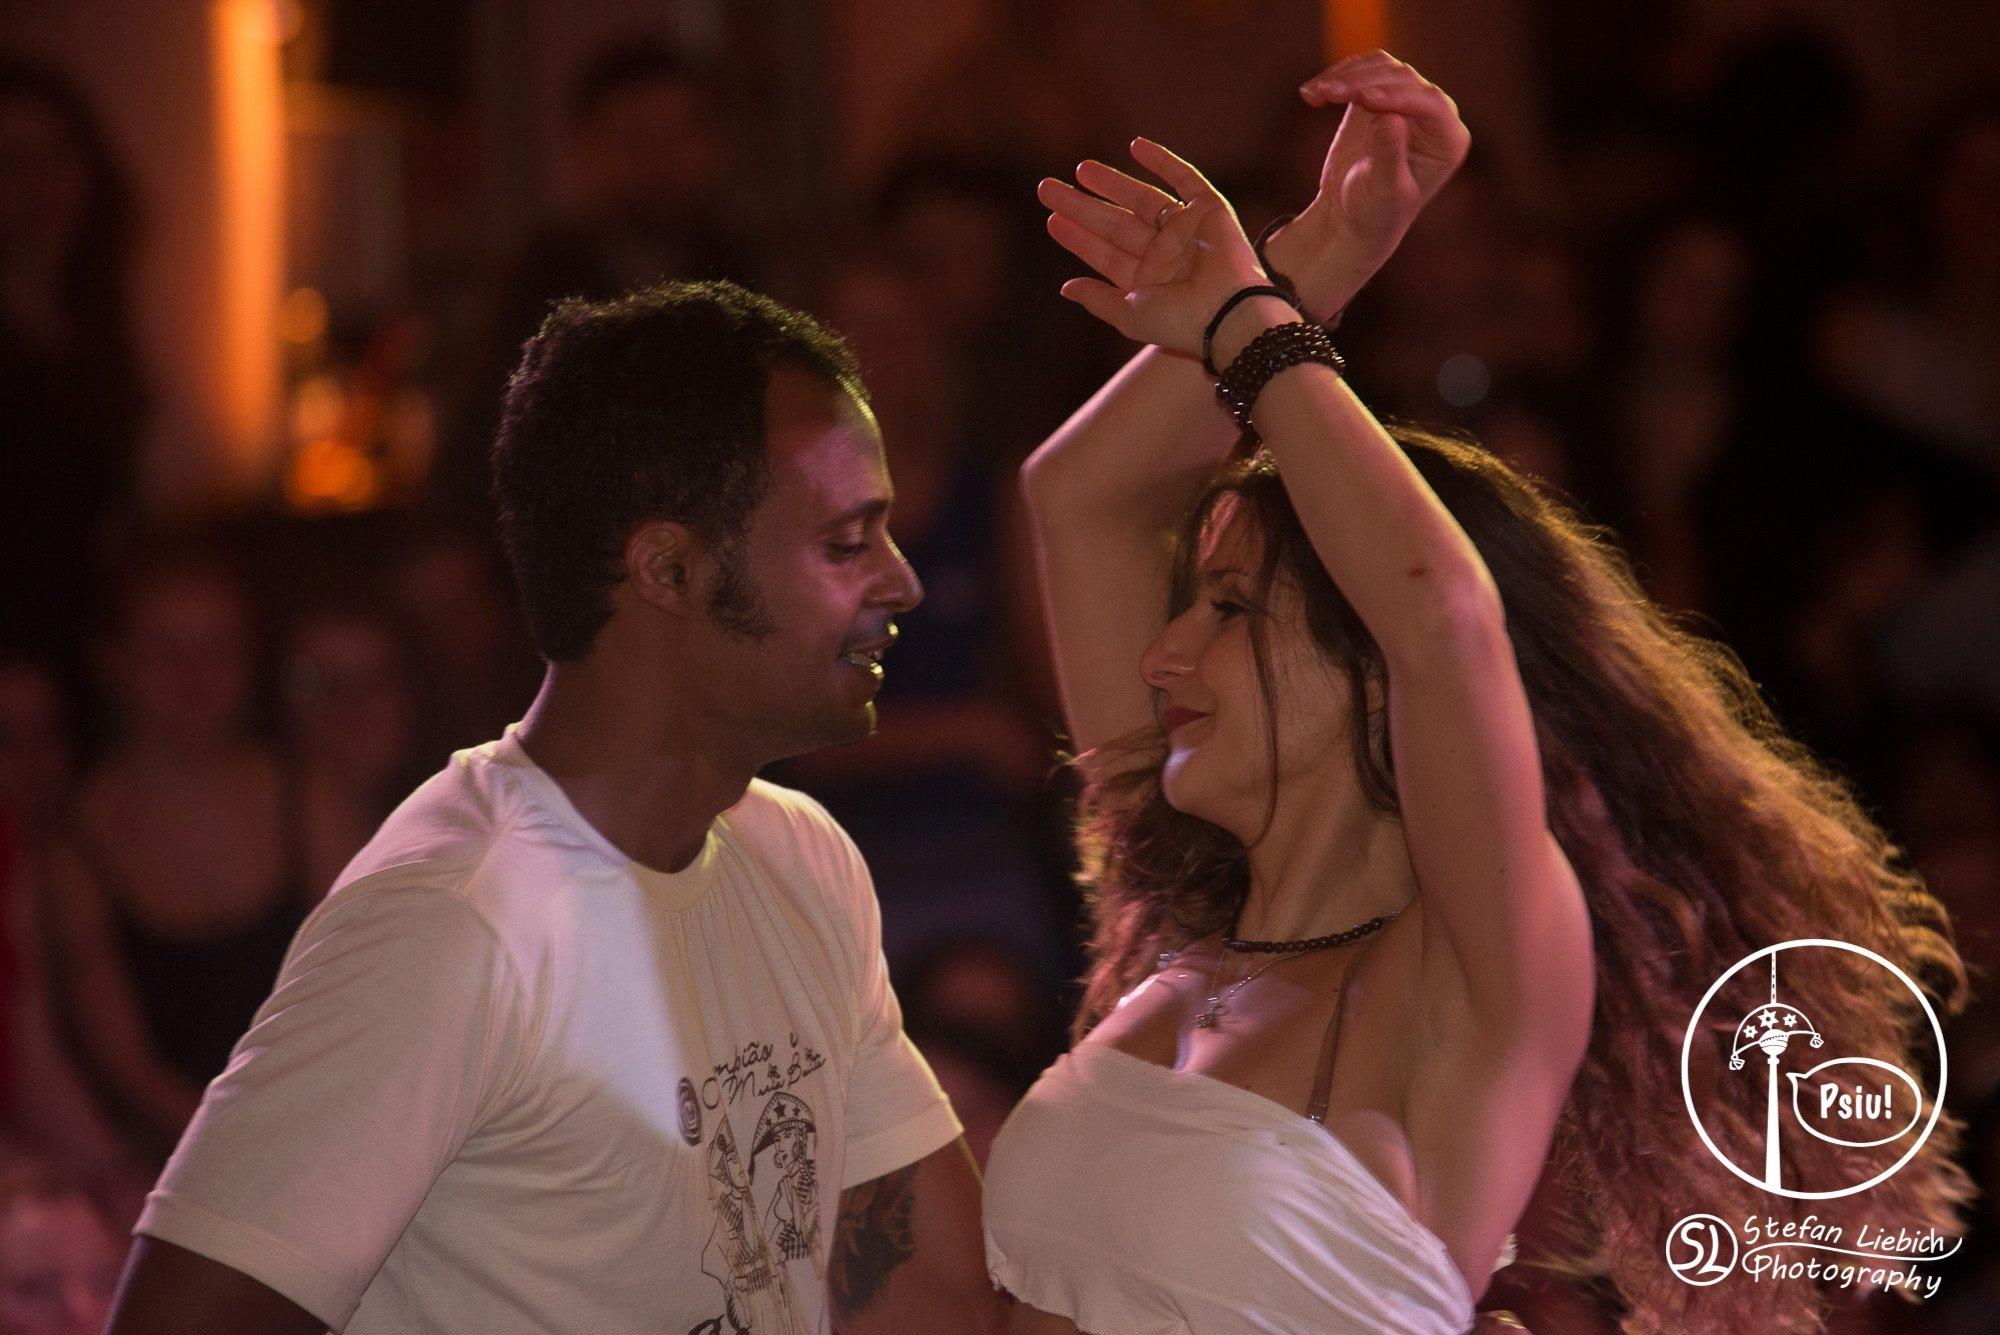 d3e7b69241e09704760f3d24d7a12d1e - En mai, danse ce qu'il te plaît : dansez le Forro !